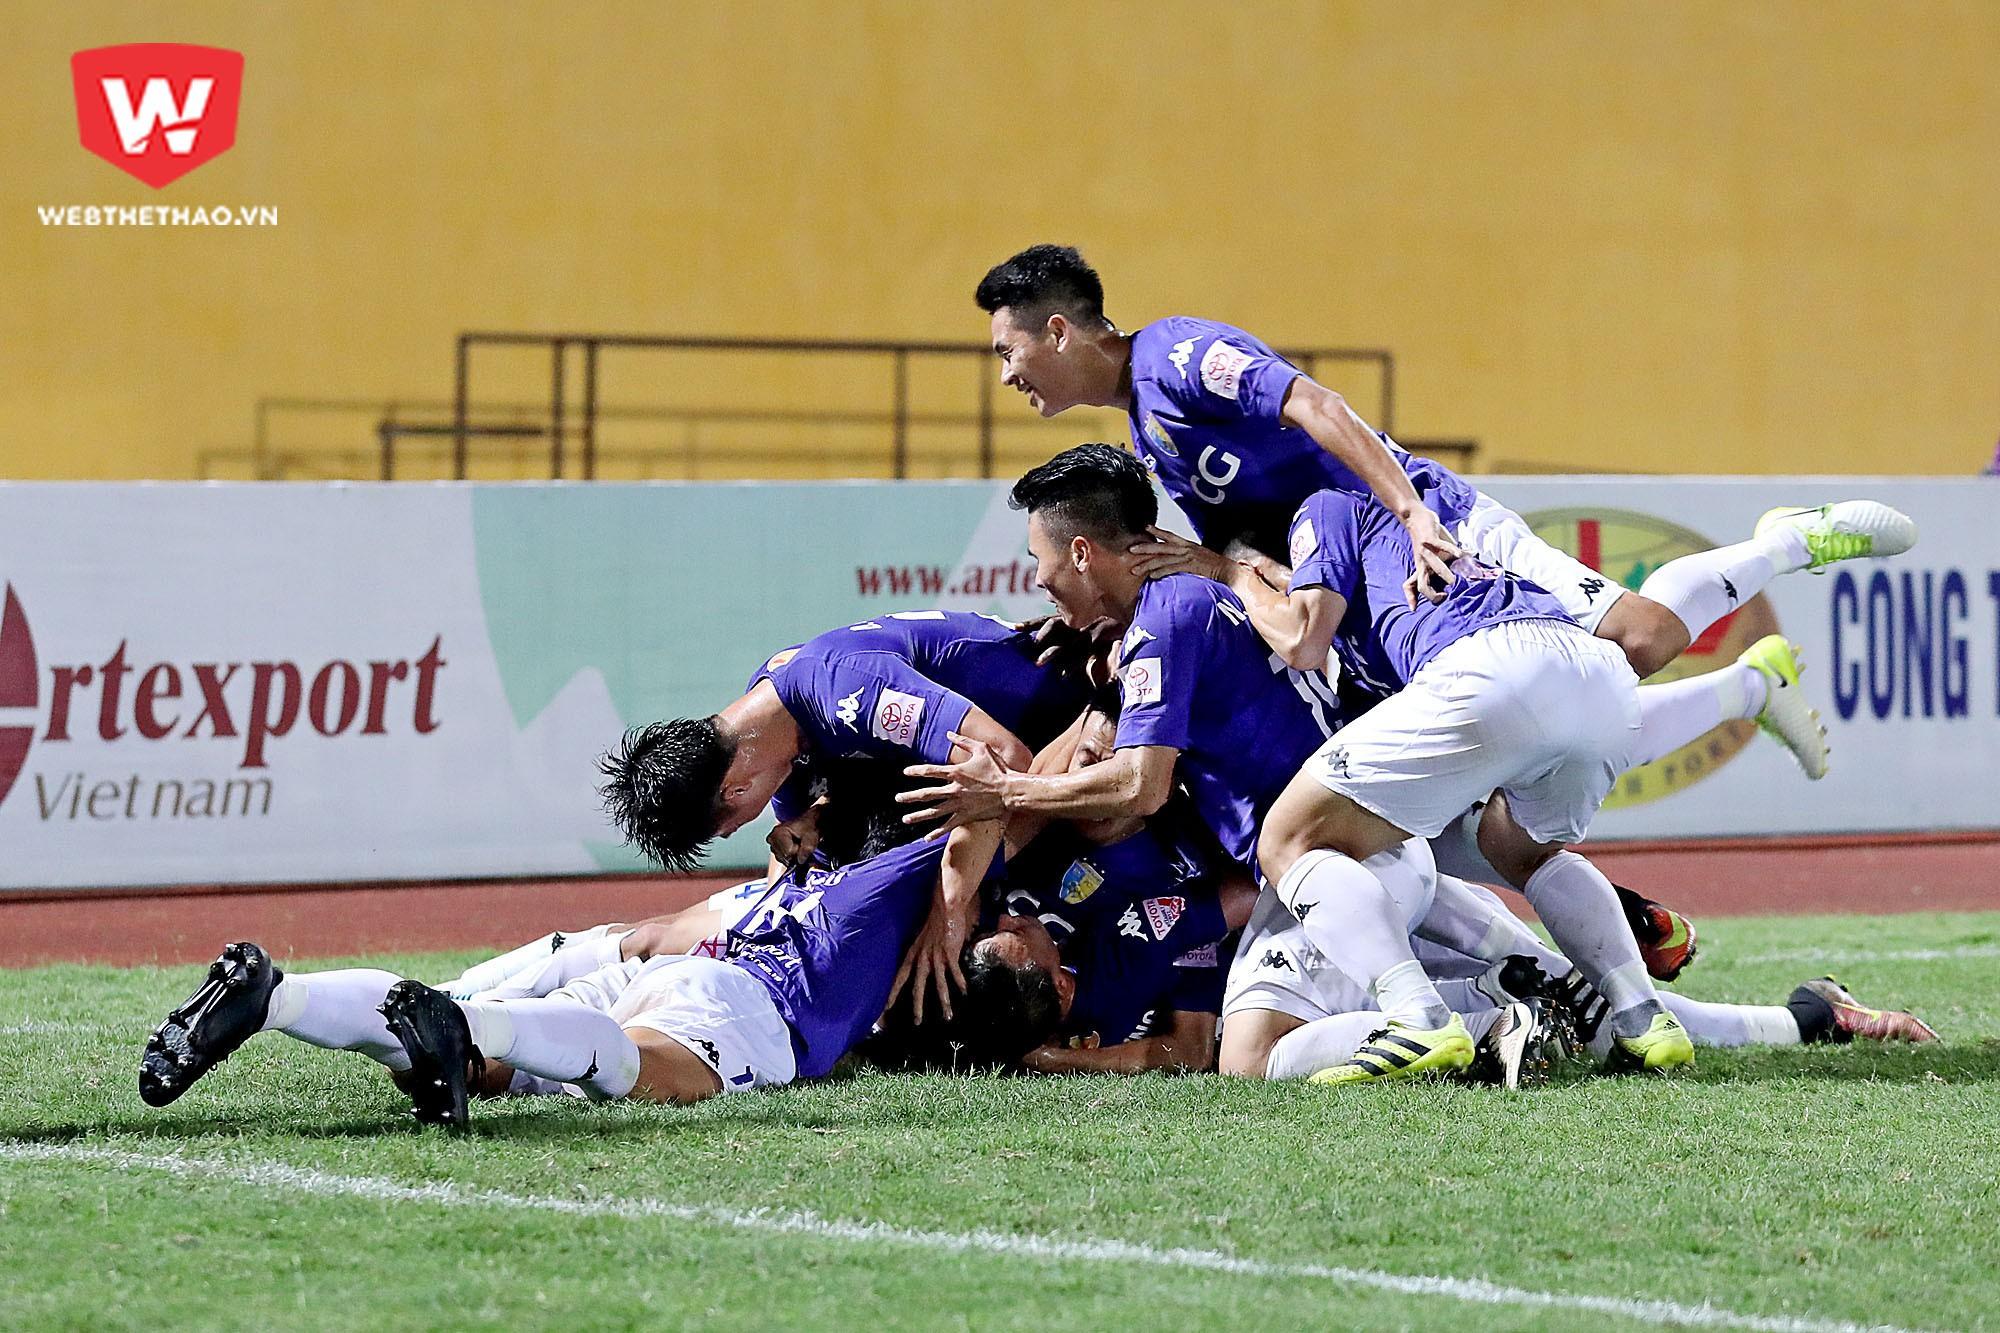 Hà Nội FC đứng trước cơ hội lần thứ hai liên tiếp vô địch V.League 2017. Ảnh: Hải Đăng.